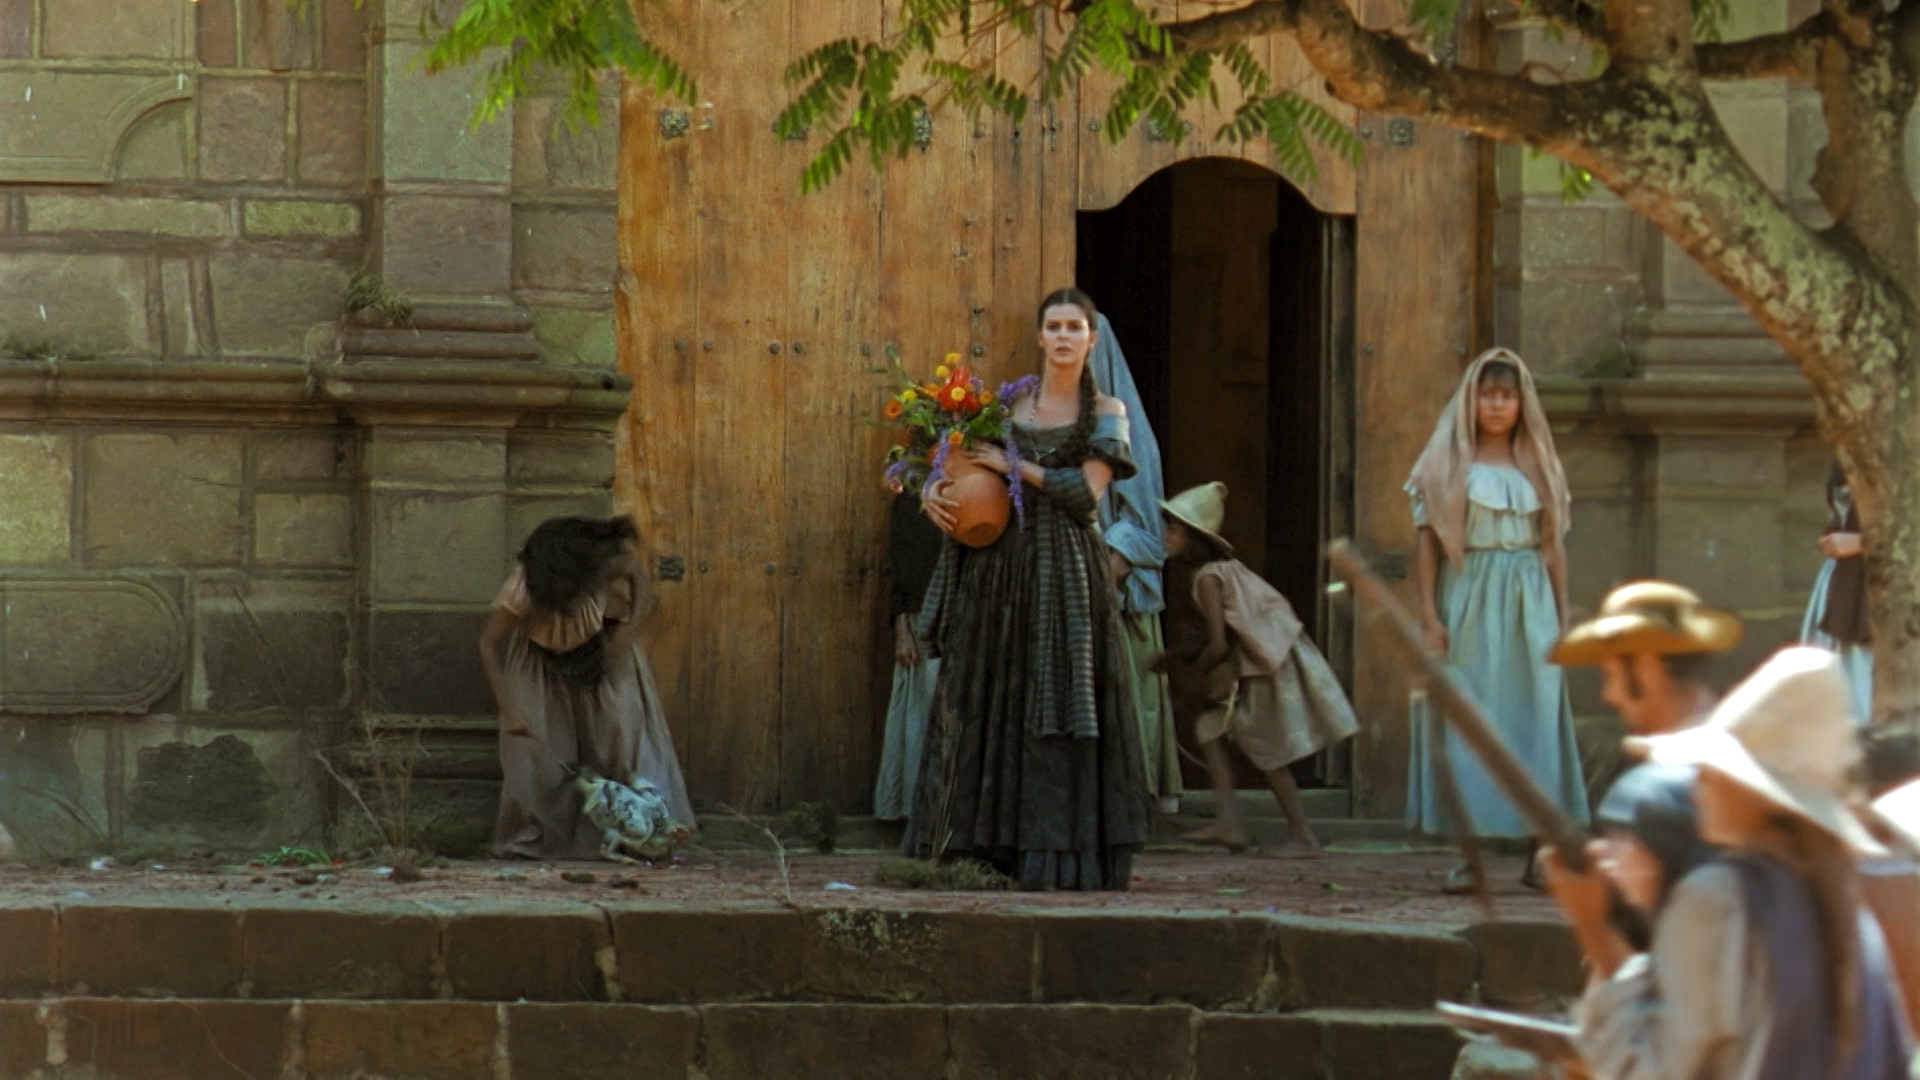 La actriz marcela agudelo vestida de época colonial para la serie De amores y delitos